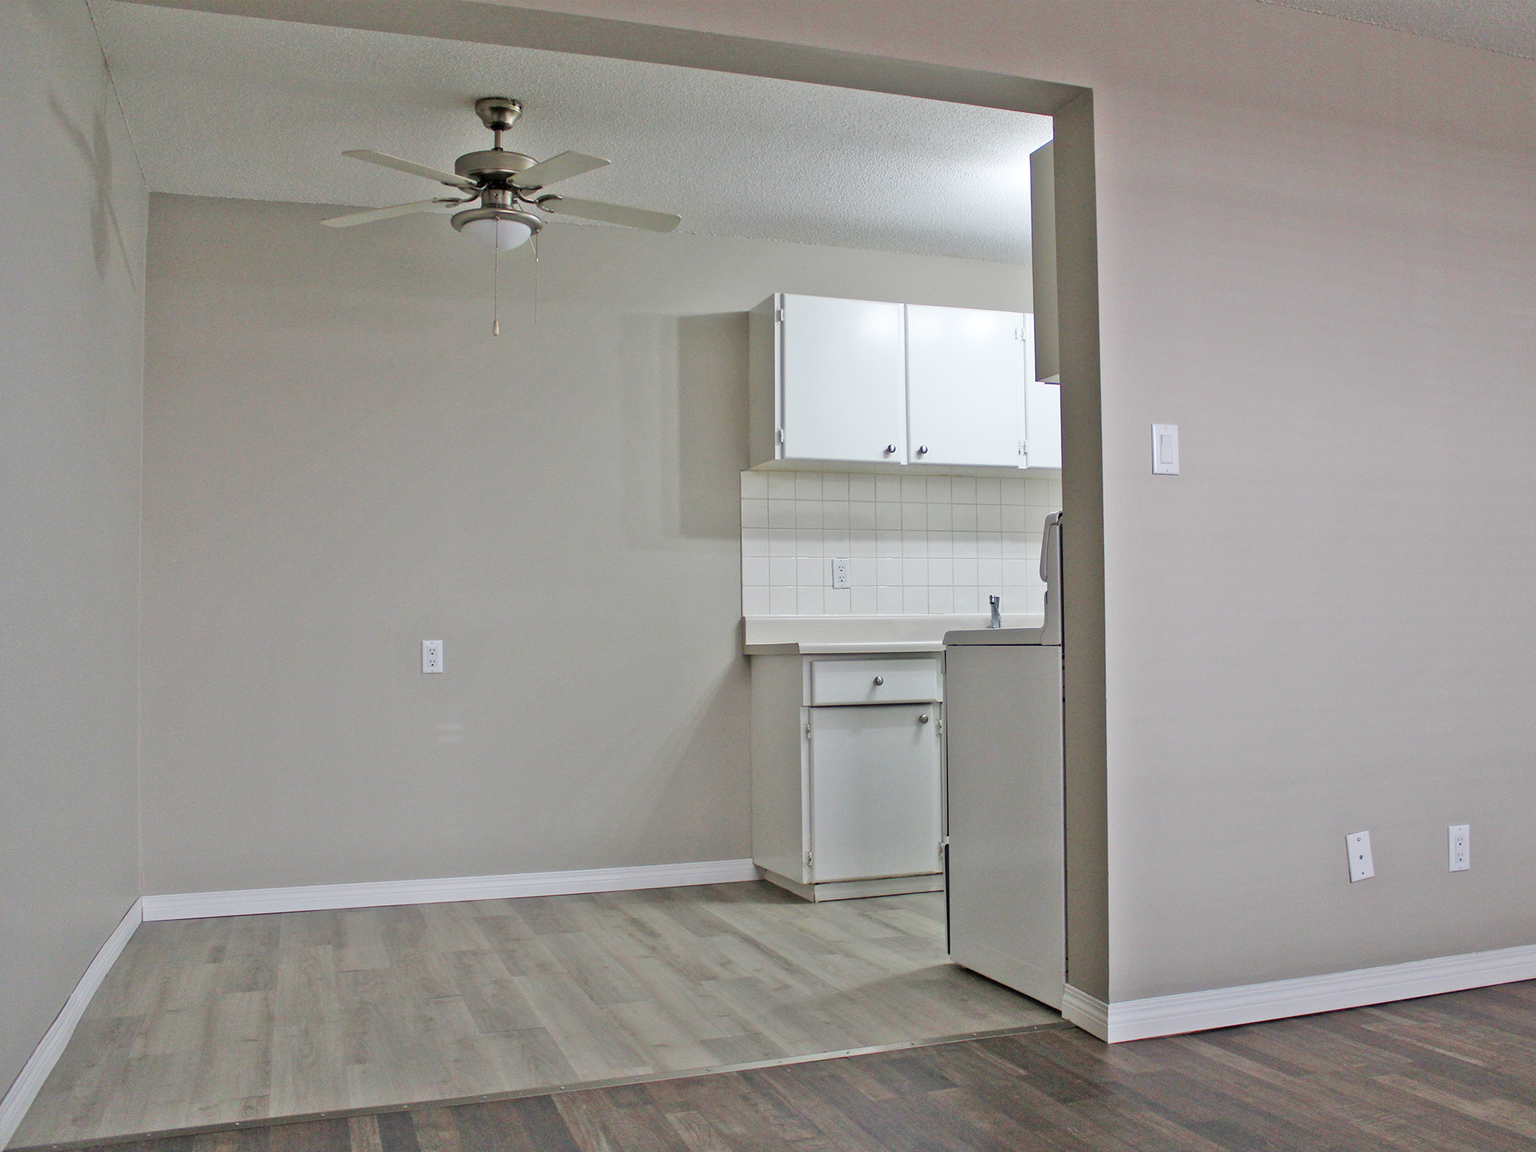 11906 104 Street NW, Edmonton, AB - $925